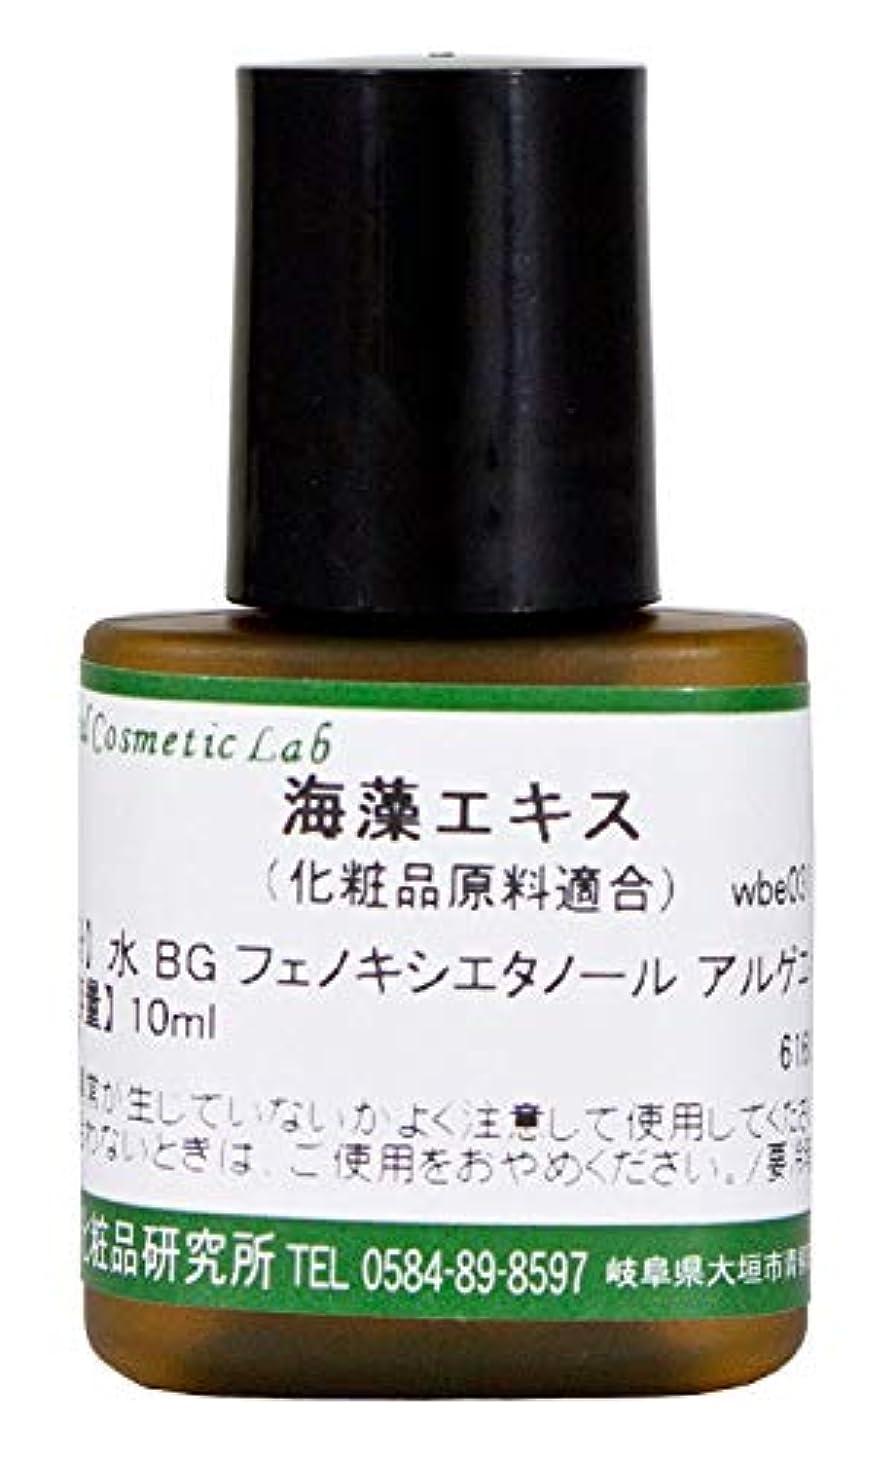 固有のジェスチャー午後海藻エキス 化粧品原料 10ml